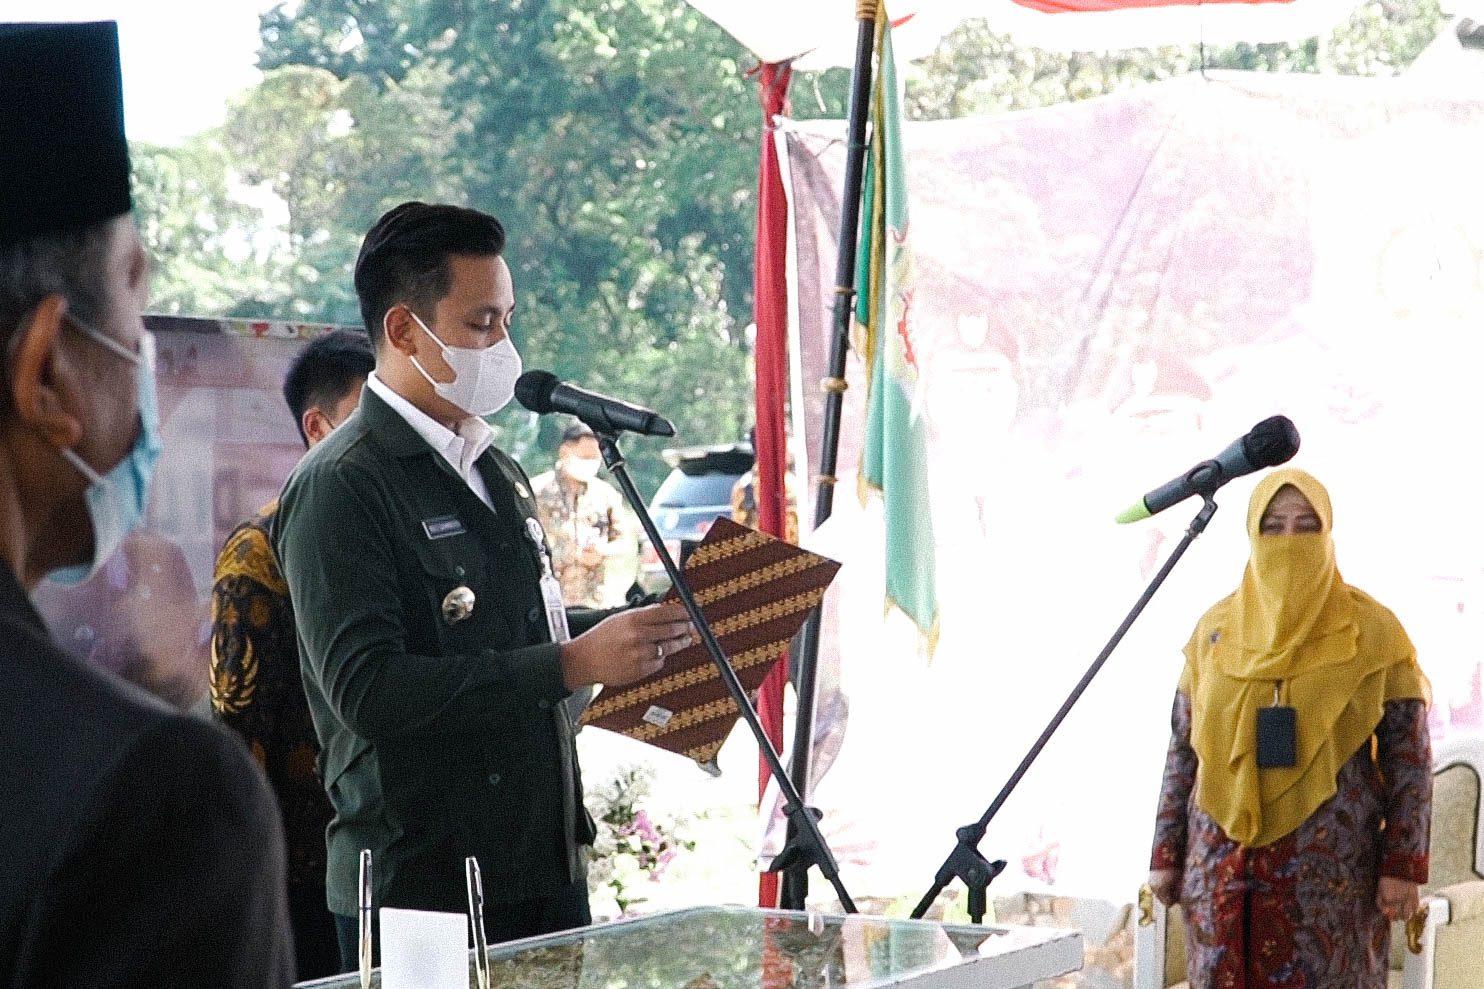 Bupati Kendal Dico M Ganundito saat melantik 326 ASN di TPS Darupono, Jumat (27/8/2021). WAHYUDI/LINGKAR.CO